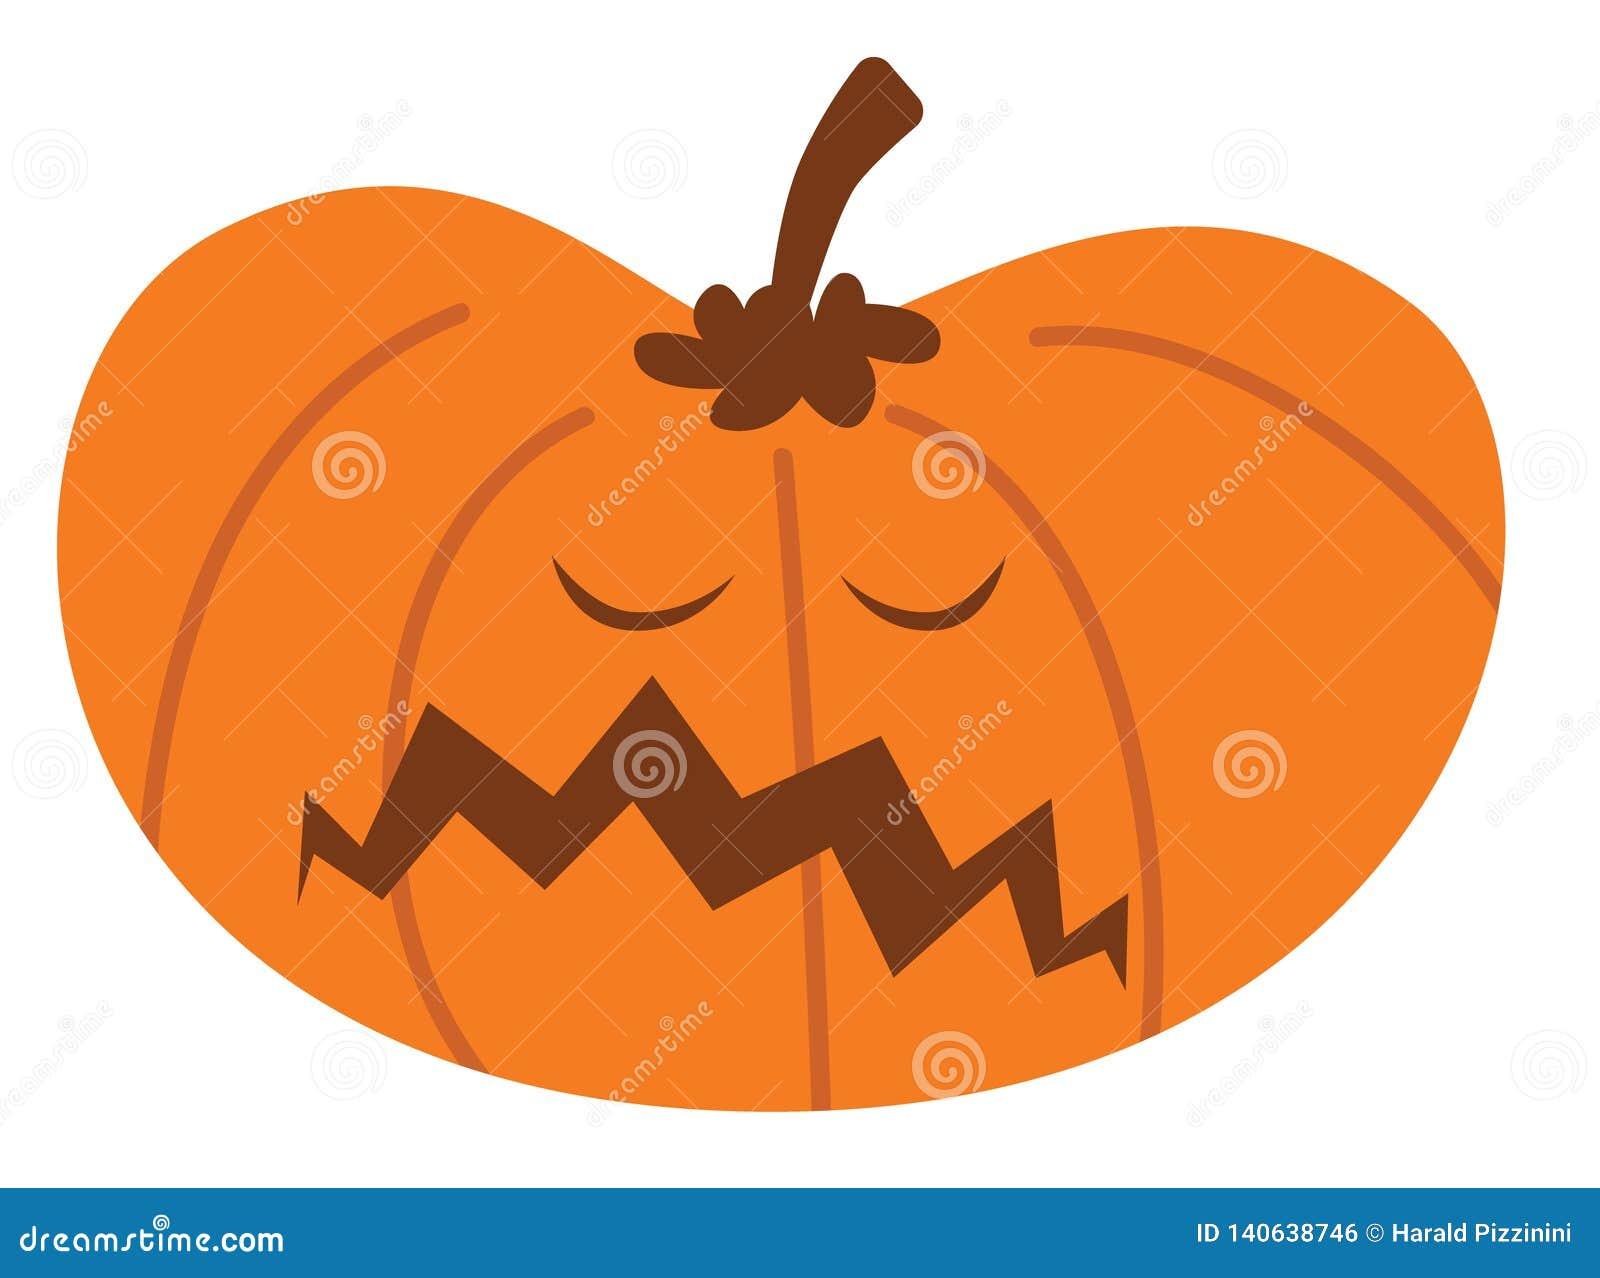 Kreskówki Halloween bania z nieszczęśliwym wyrażeniem